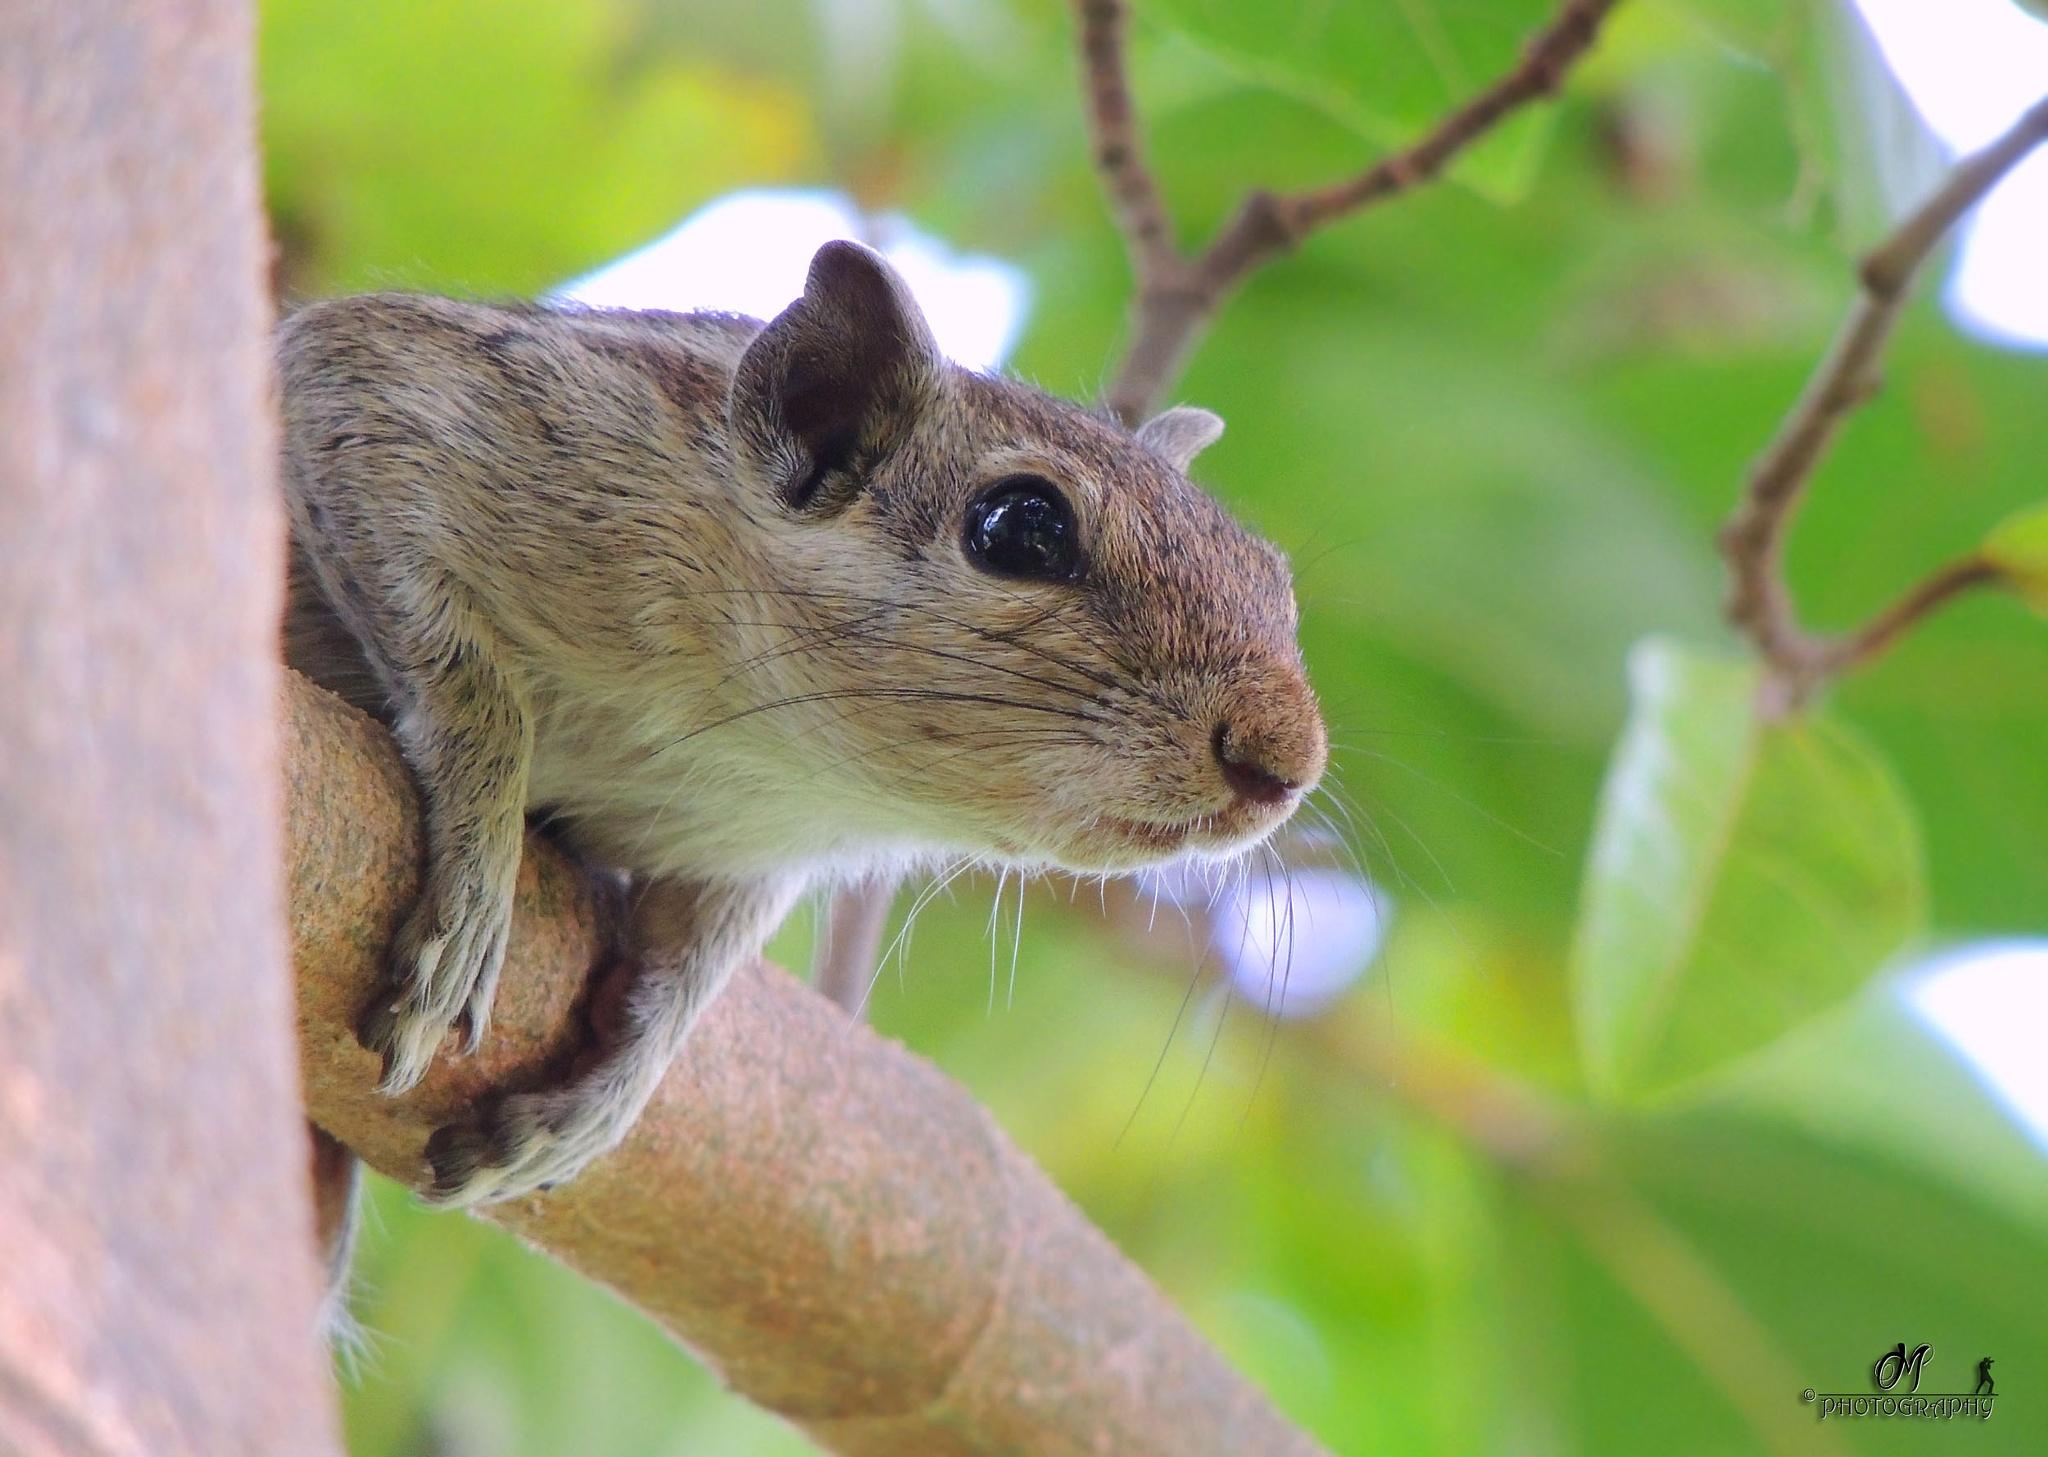 Squirrel by Malay Karmakar